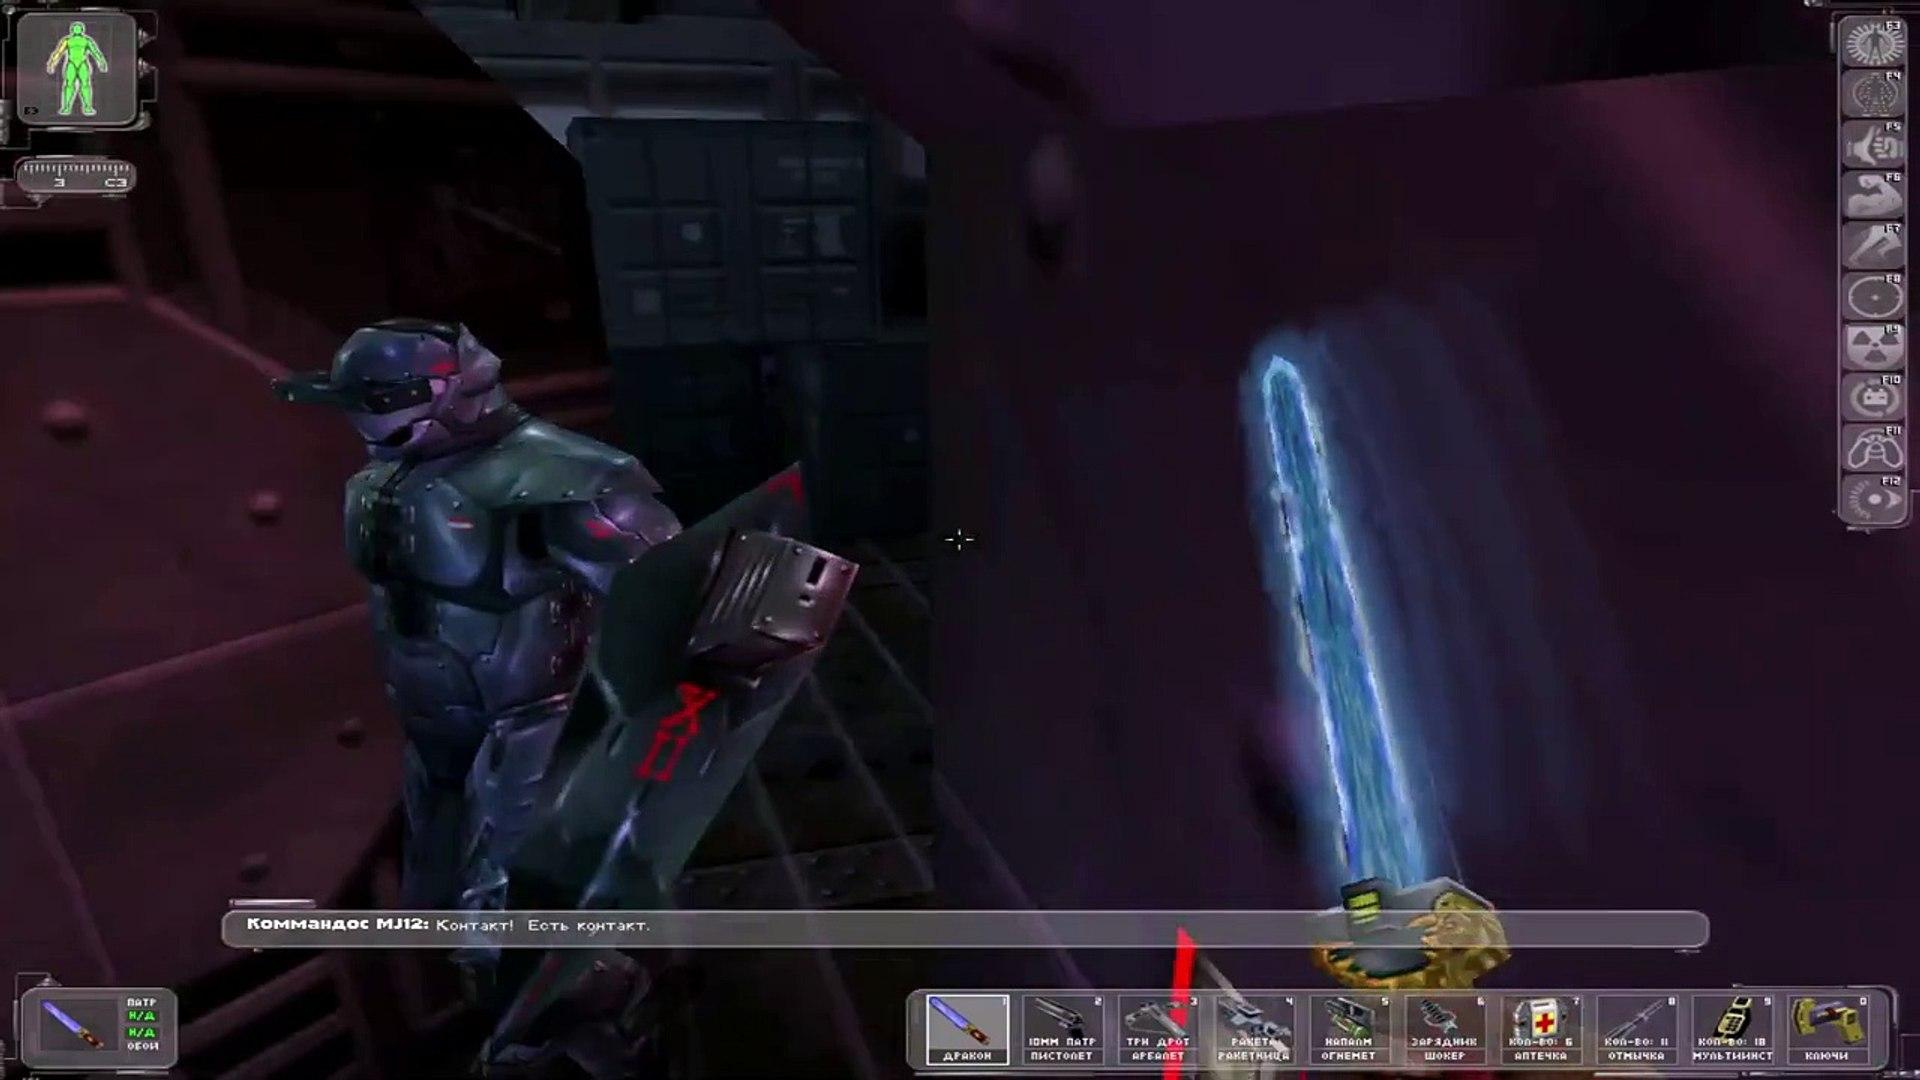 Прохождение: Deus Ex - Game Of The Year Edition ЗОНА-51 Миссия 16 Часть 12-#166